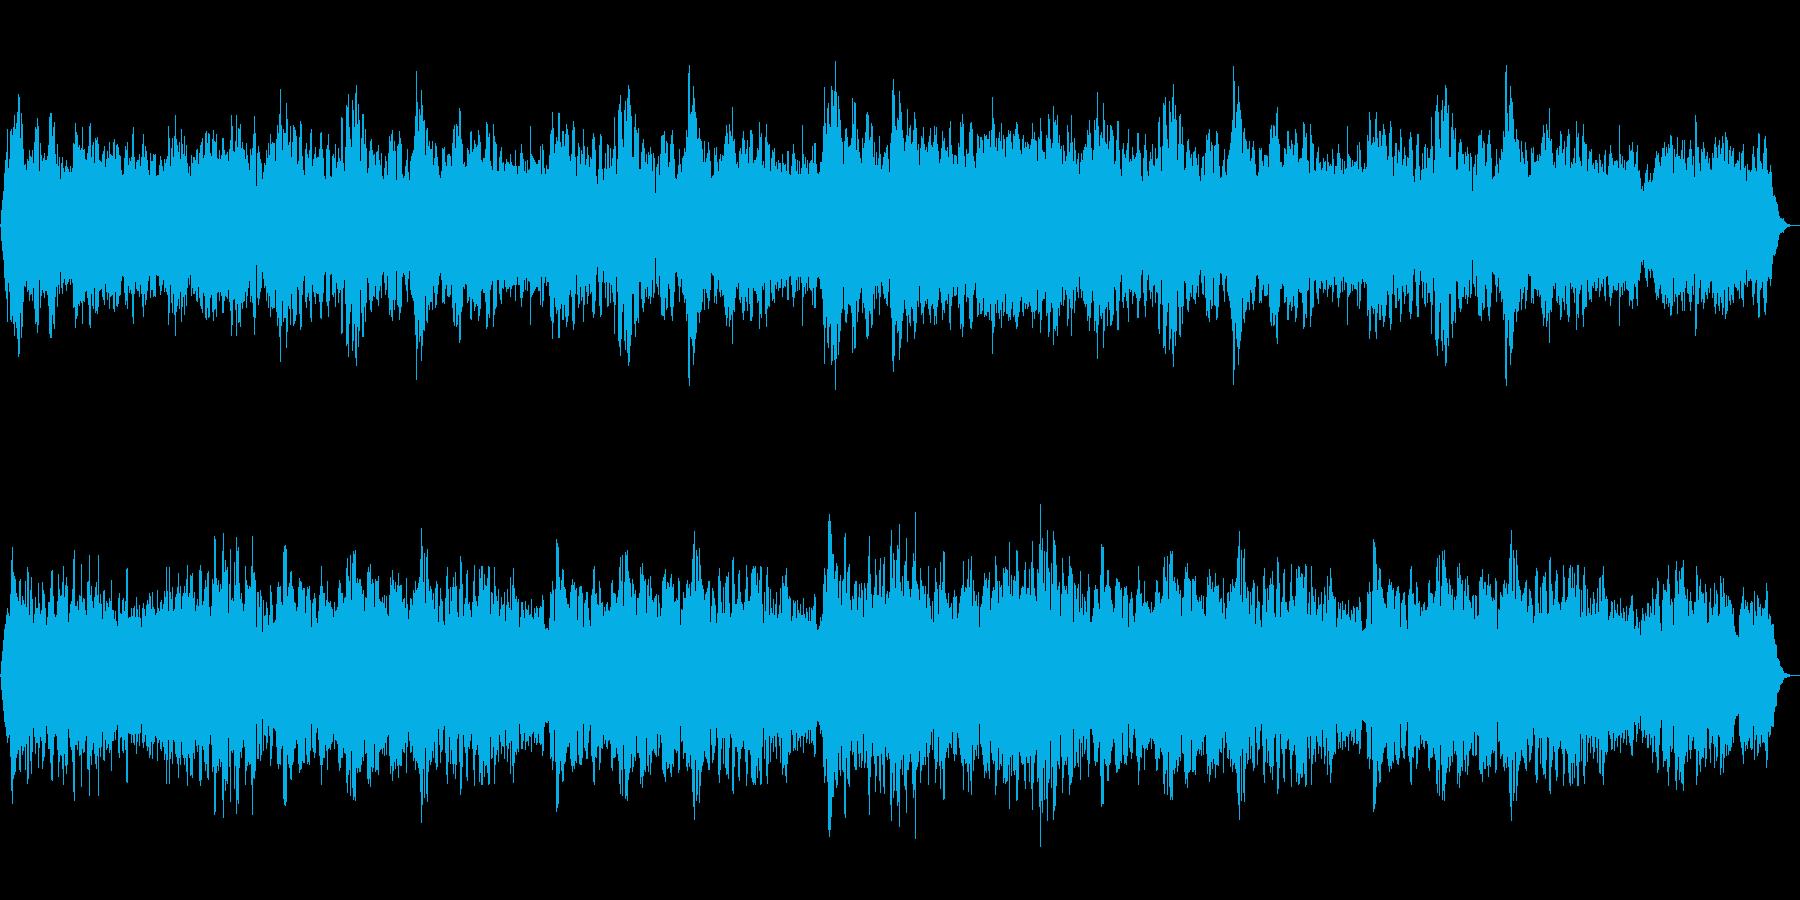 クリスマスをイメージしたテクスチャー!の再生済みの波形